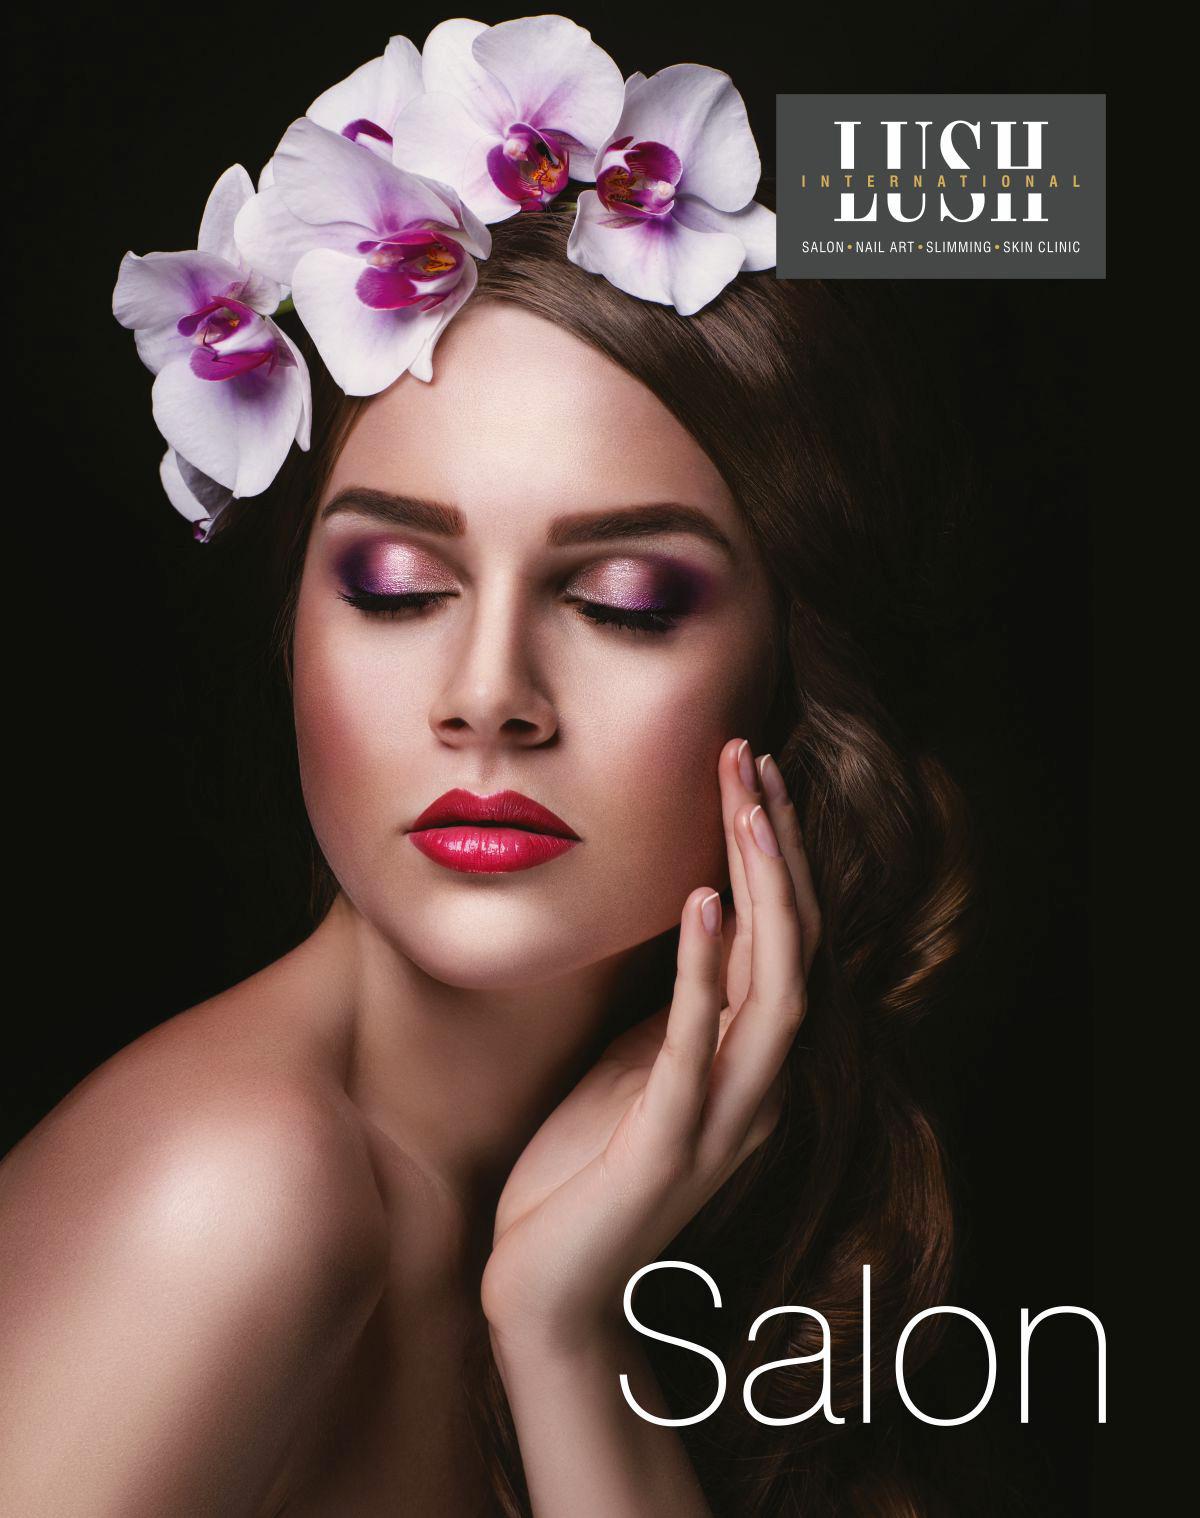 poster design for salon